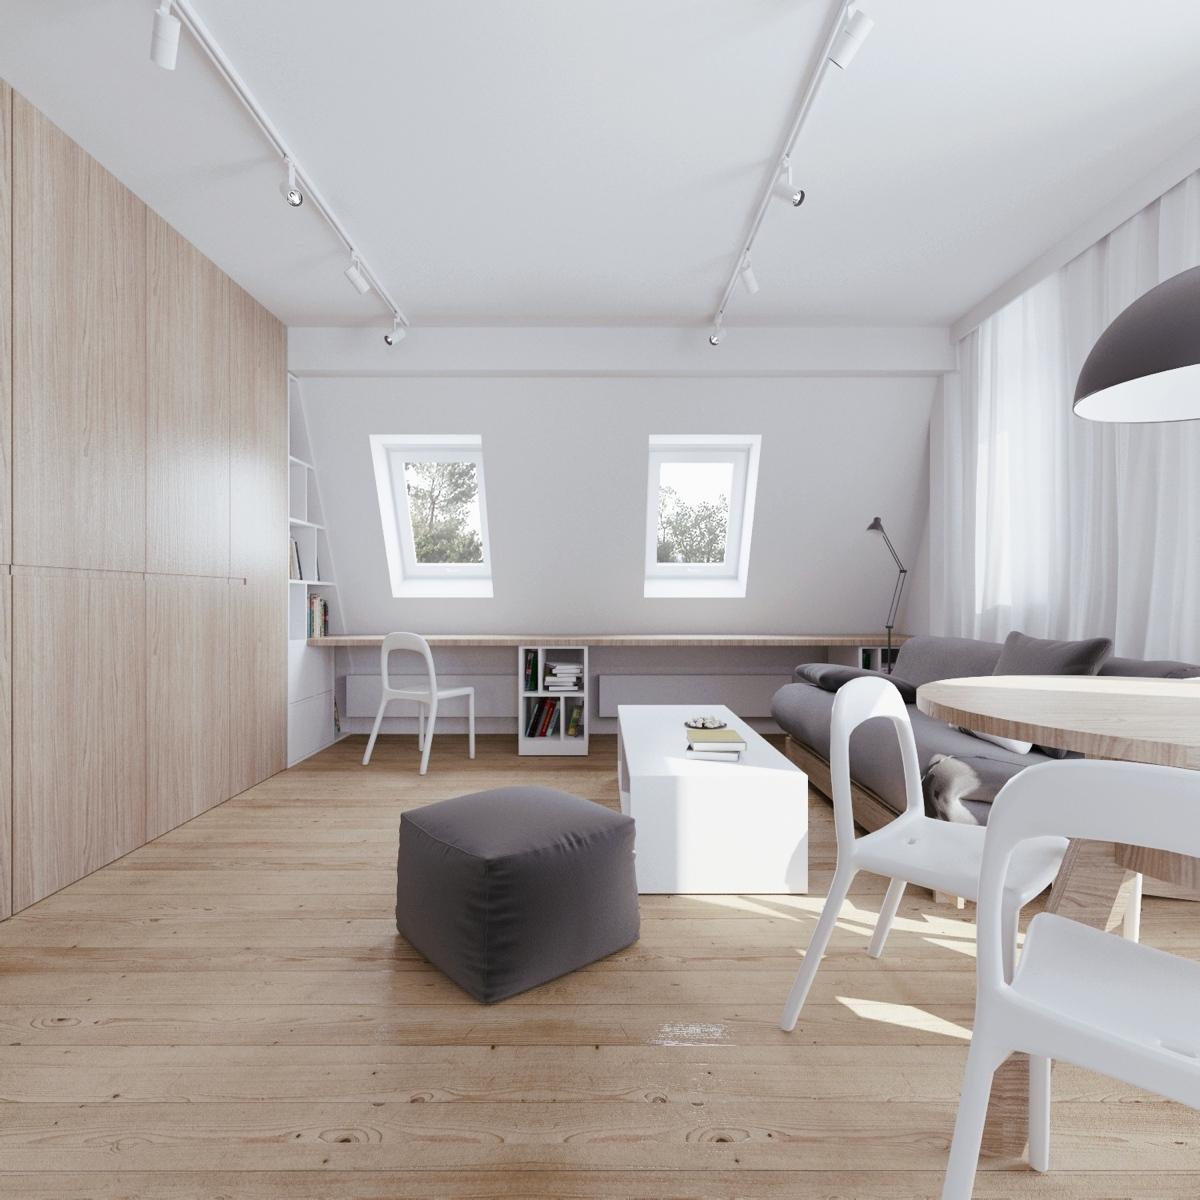 Wedo thiết kế nội thất thông minh cho căn hộ tầng áp mái